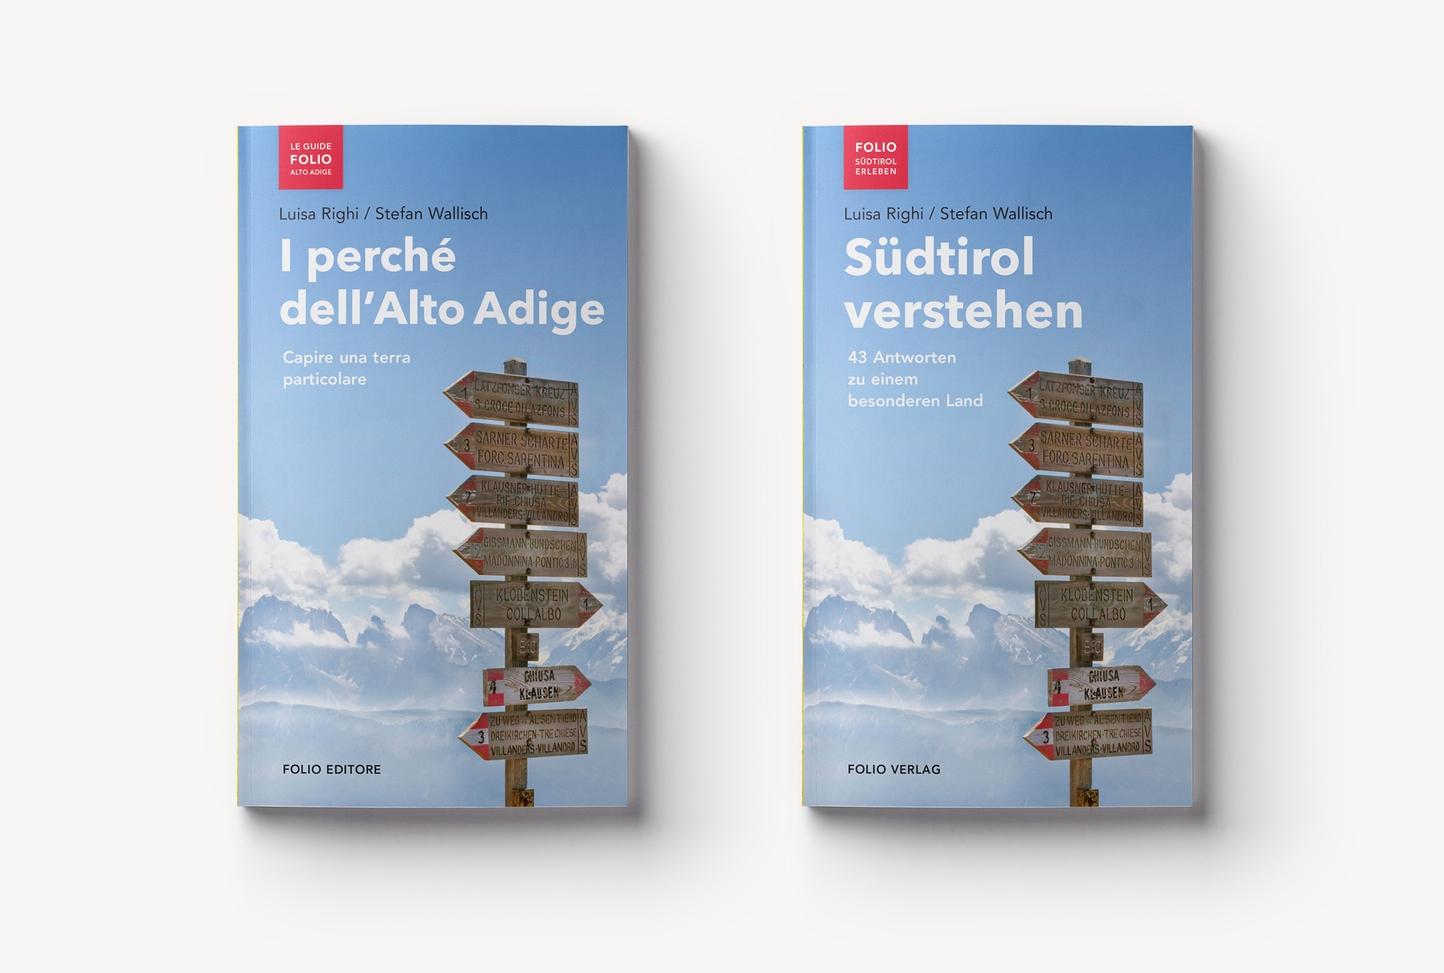 Collana di guide / Travel guide series